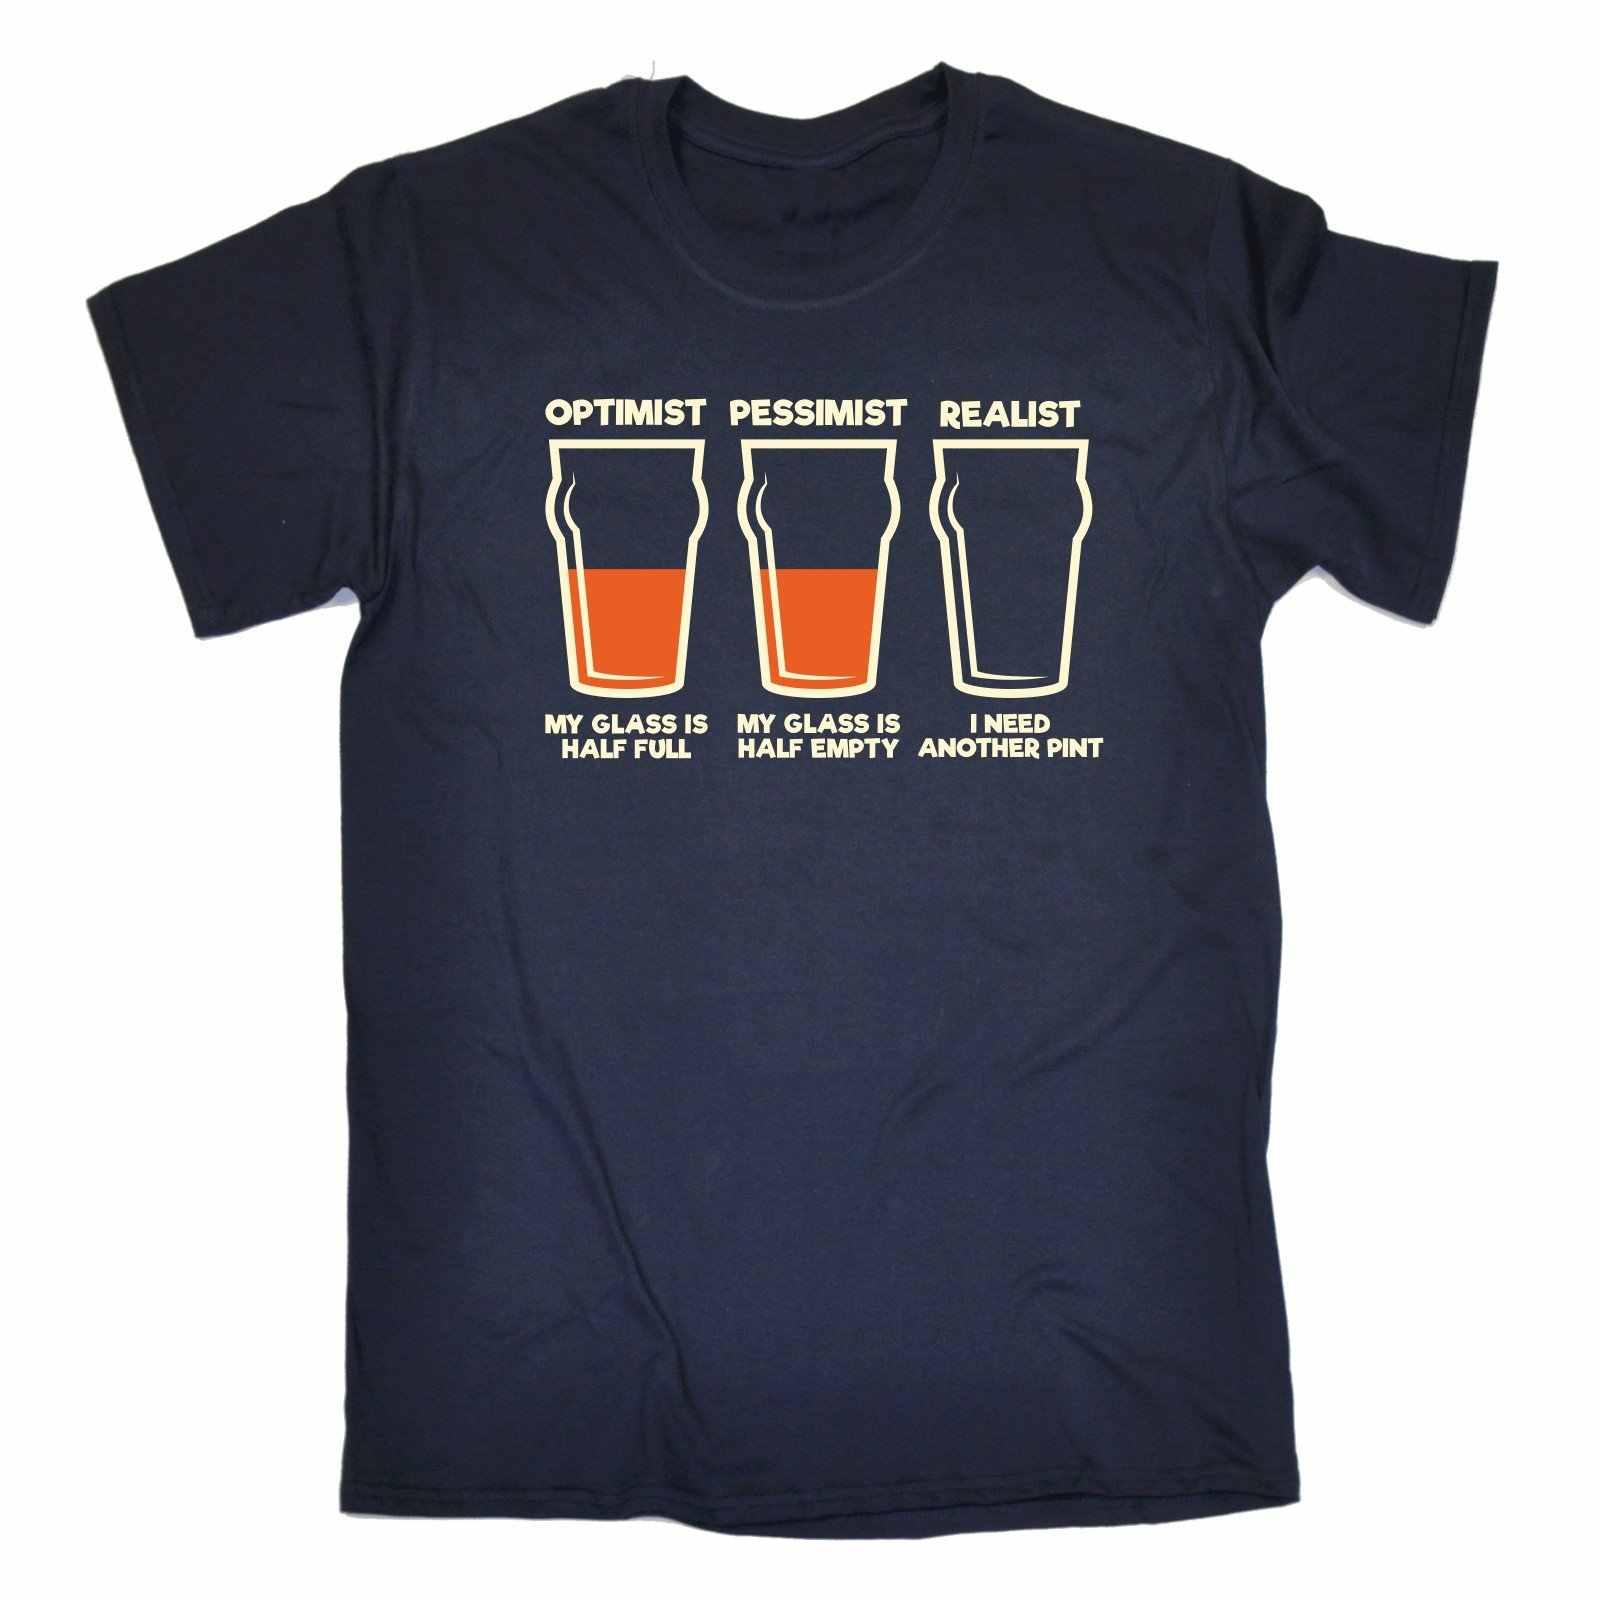 楽観悲観現実主義メンズtシャツティー誕生日面白い酒ビールアルコールtシャツfashiontシャツ送料無料ティー